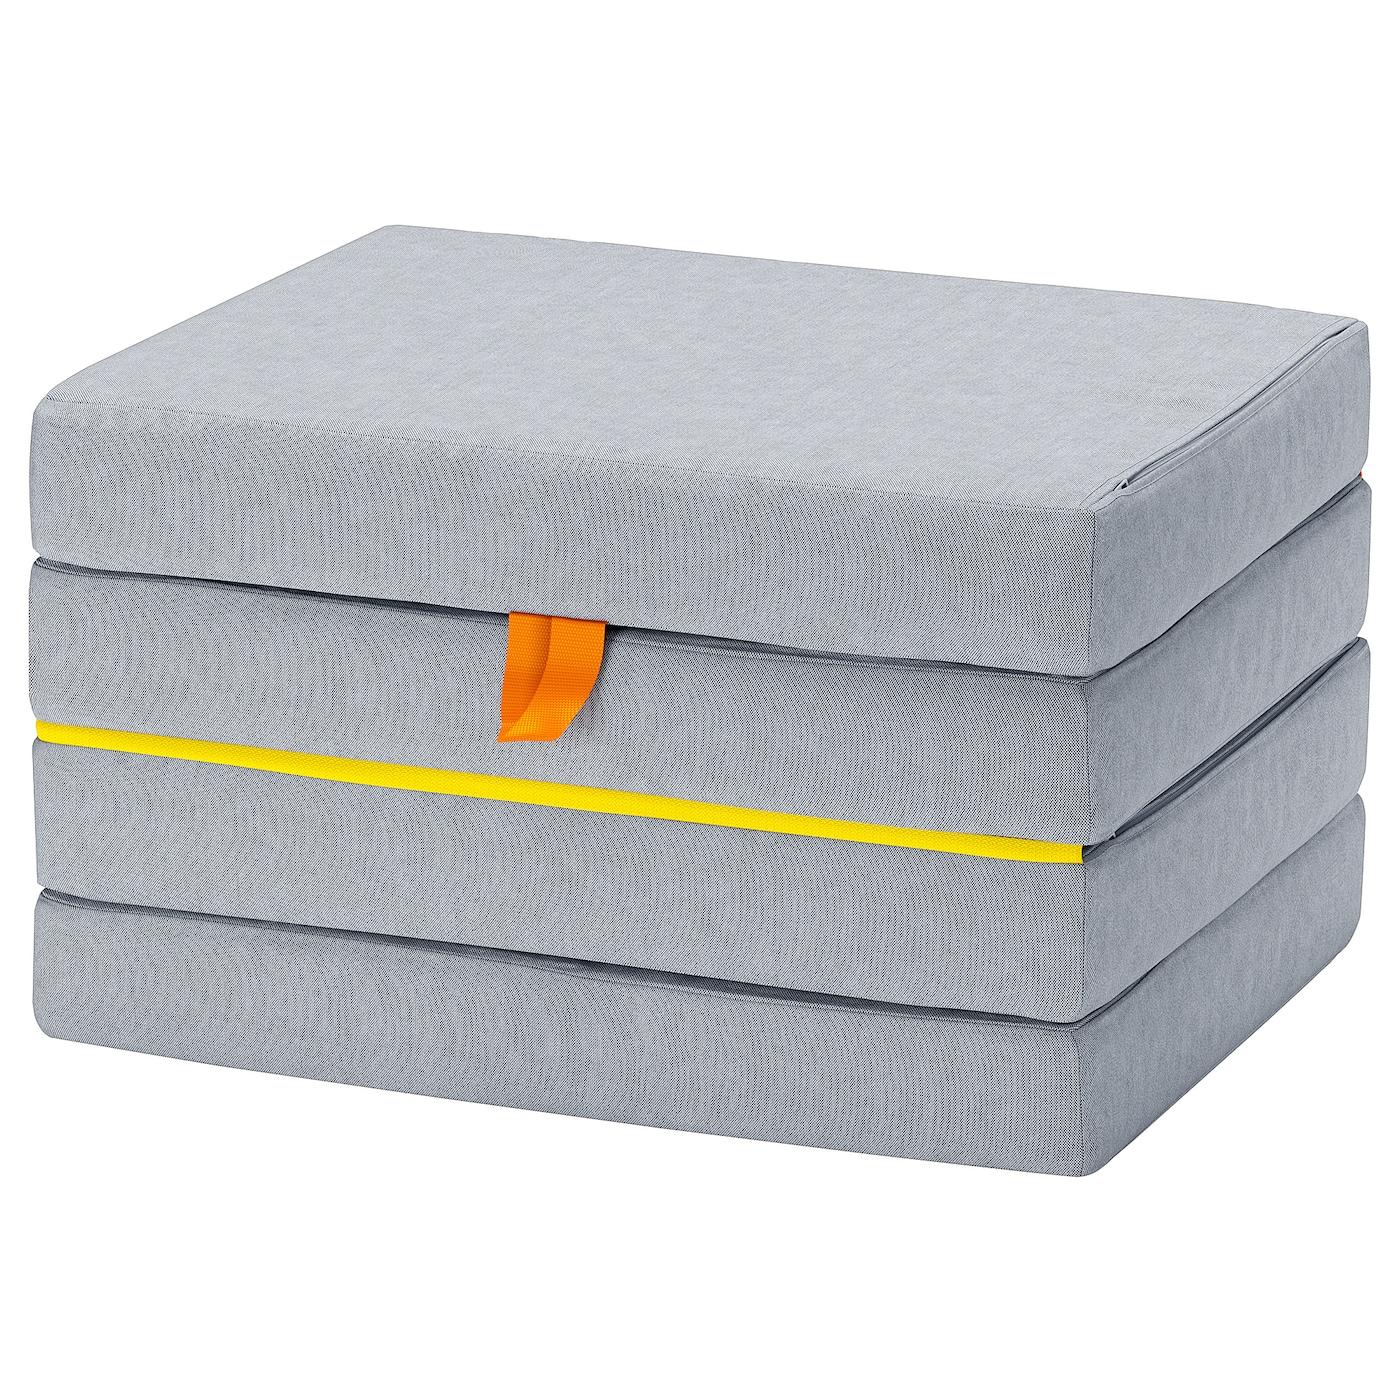 funda para cama plegable ikea